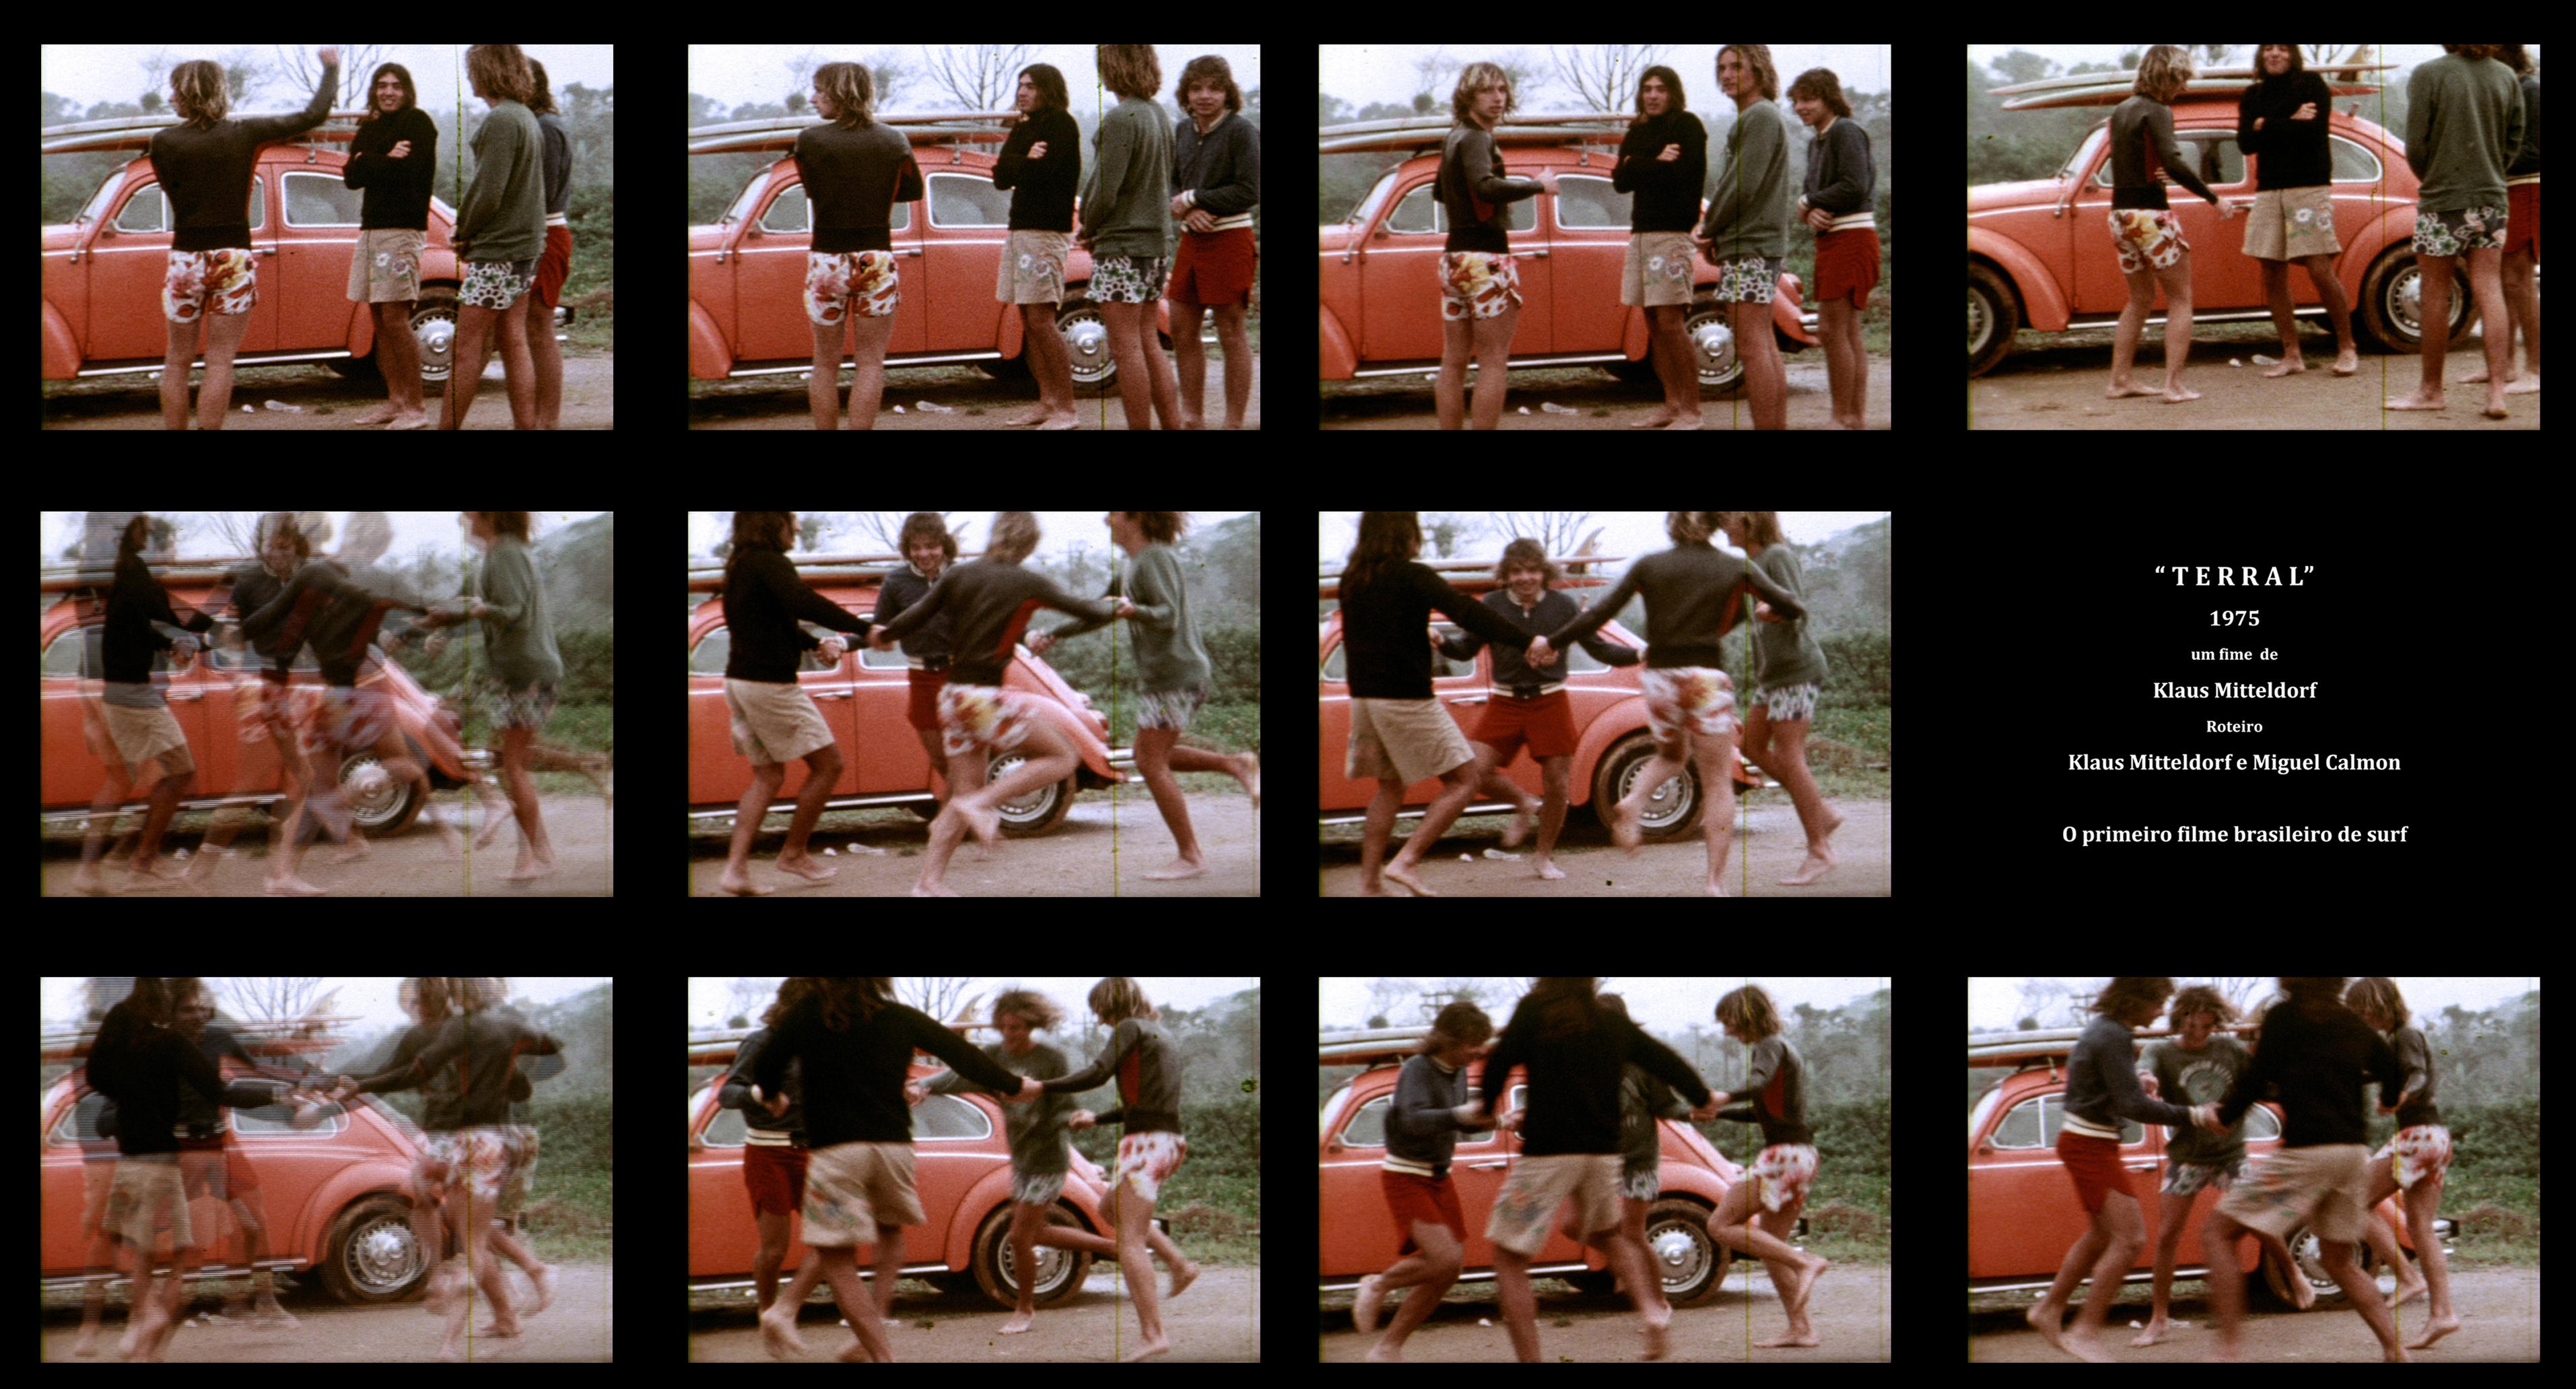 A DANÇA DA ITAMAMBUCA FROM TERRAL 1975